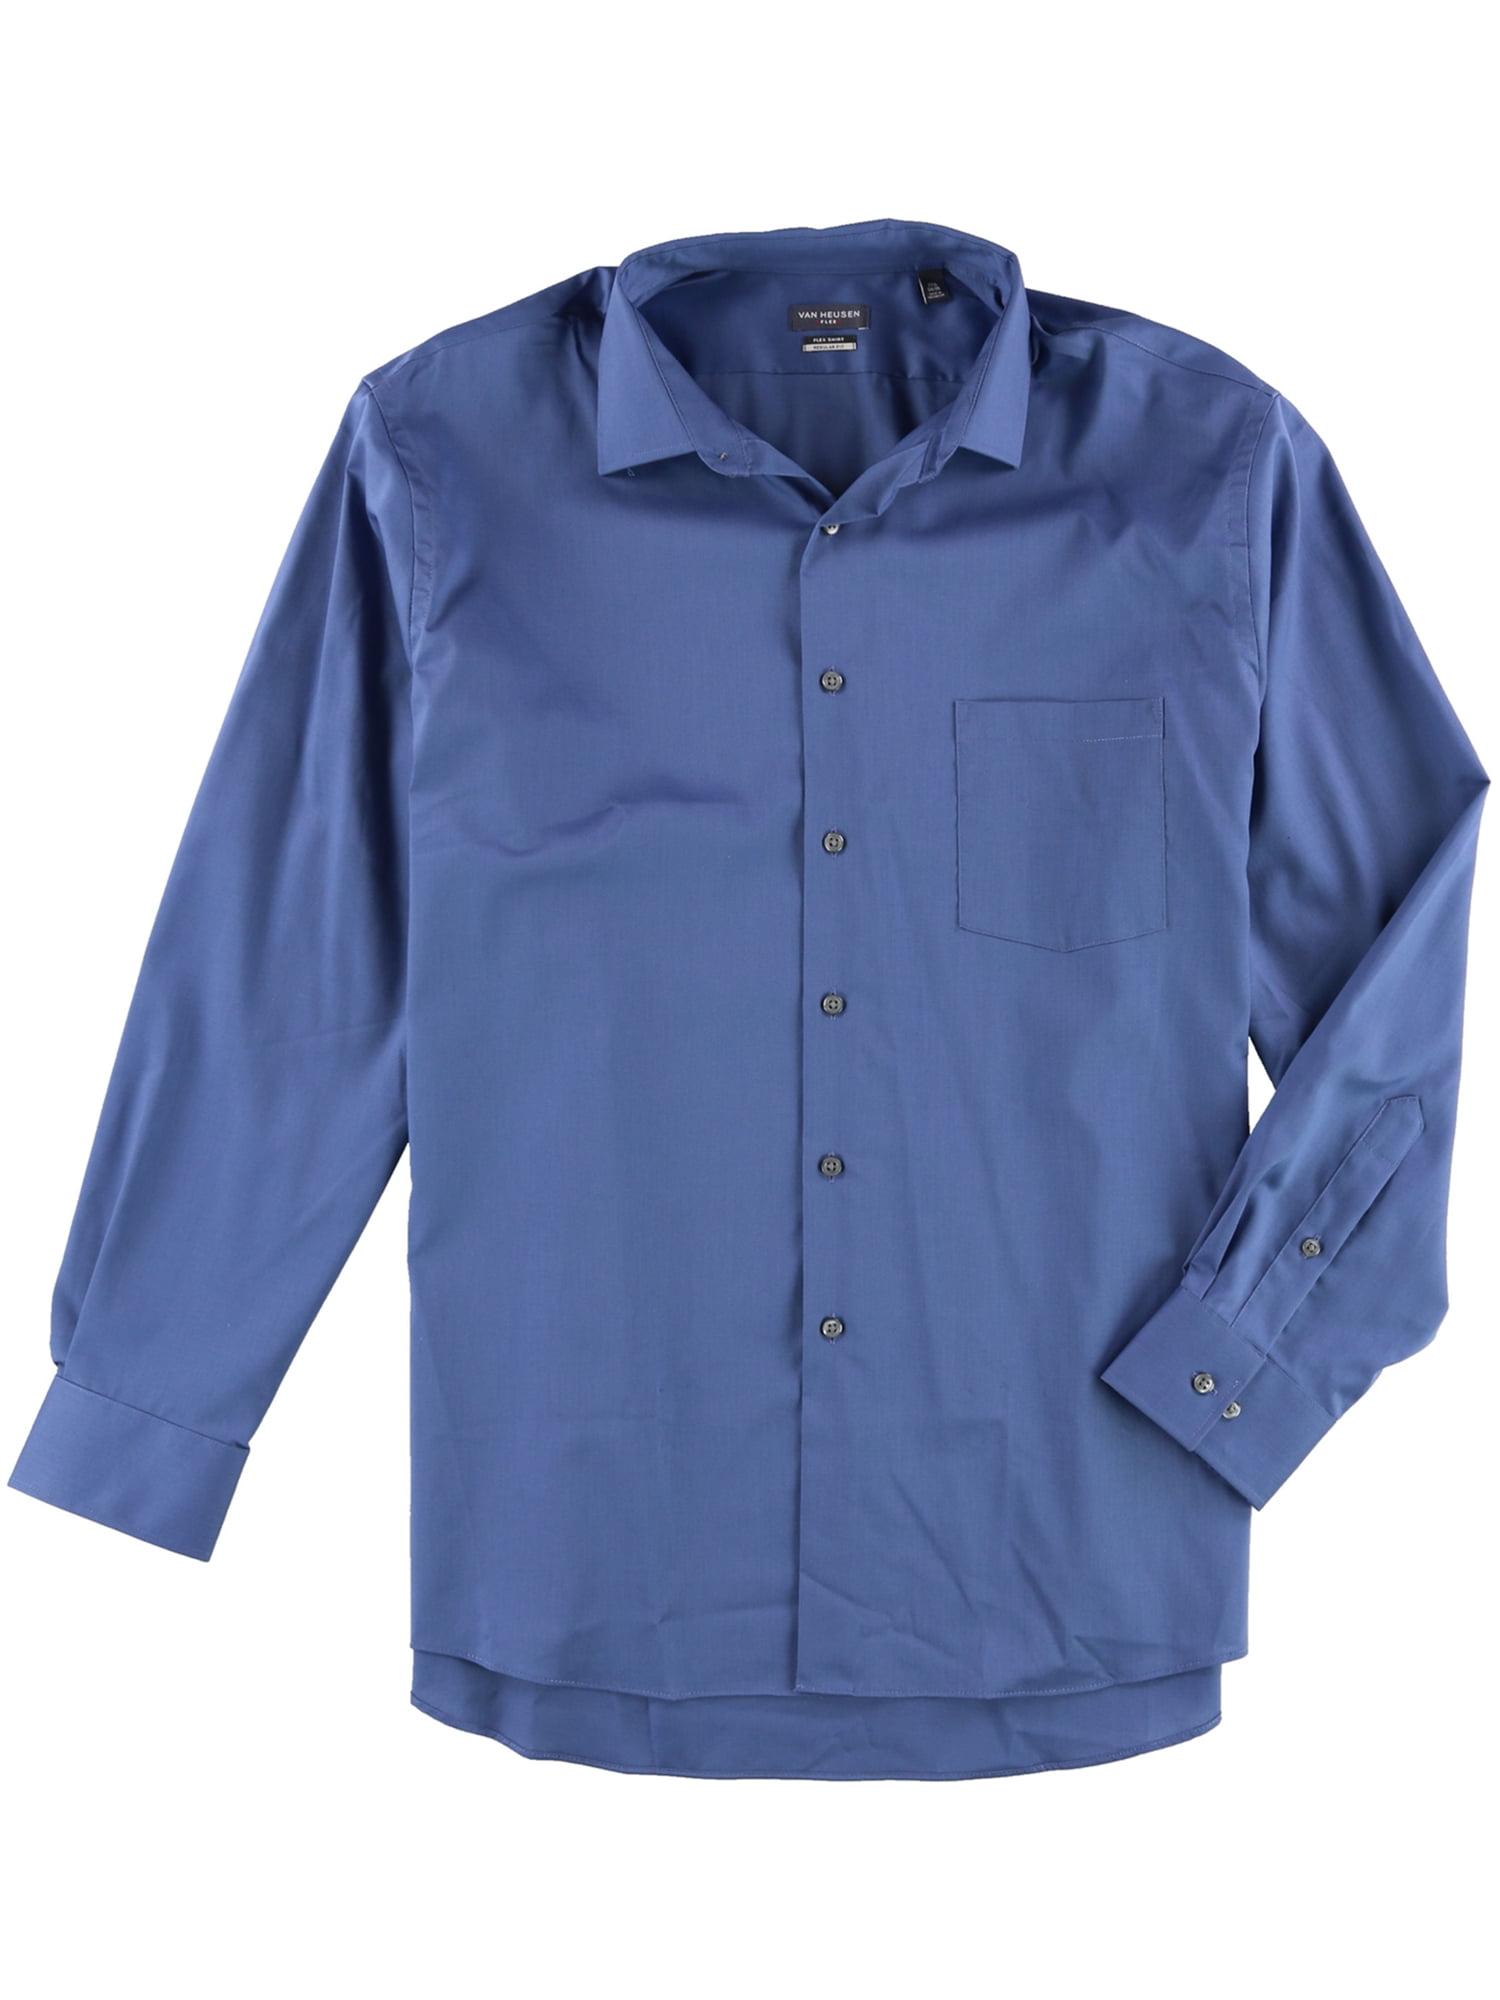 Van Heusen Van Heusen Mens Stretch Flex Button Up Dress Shirt